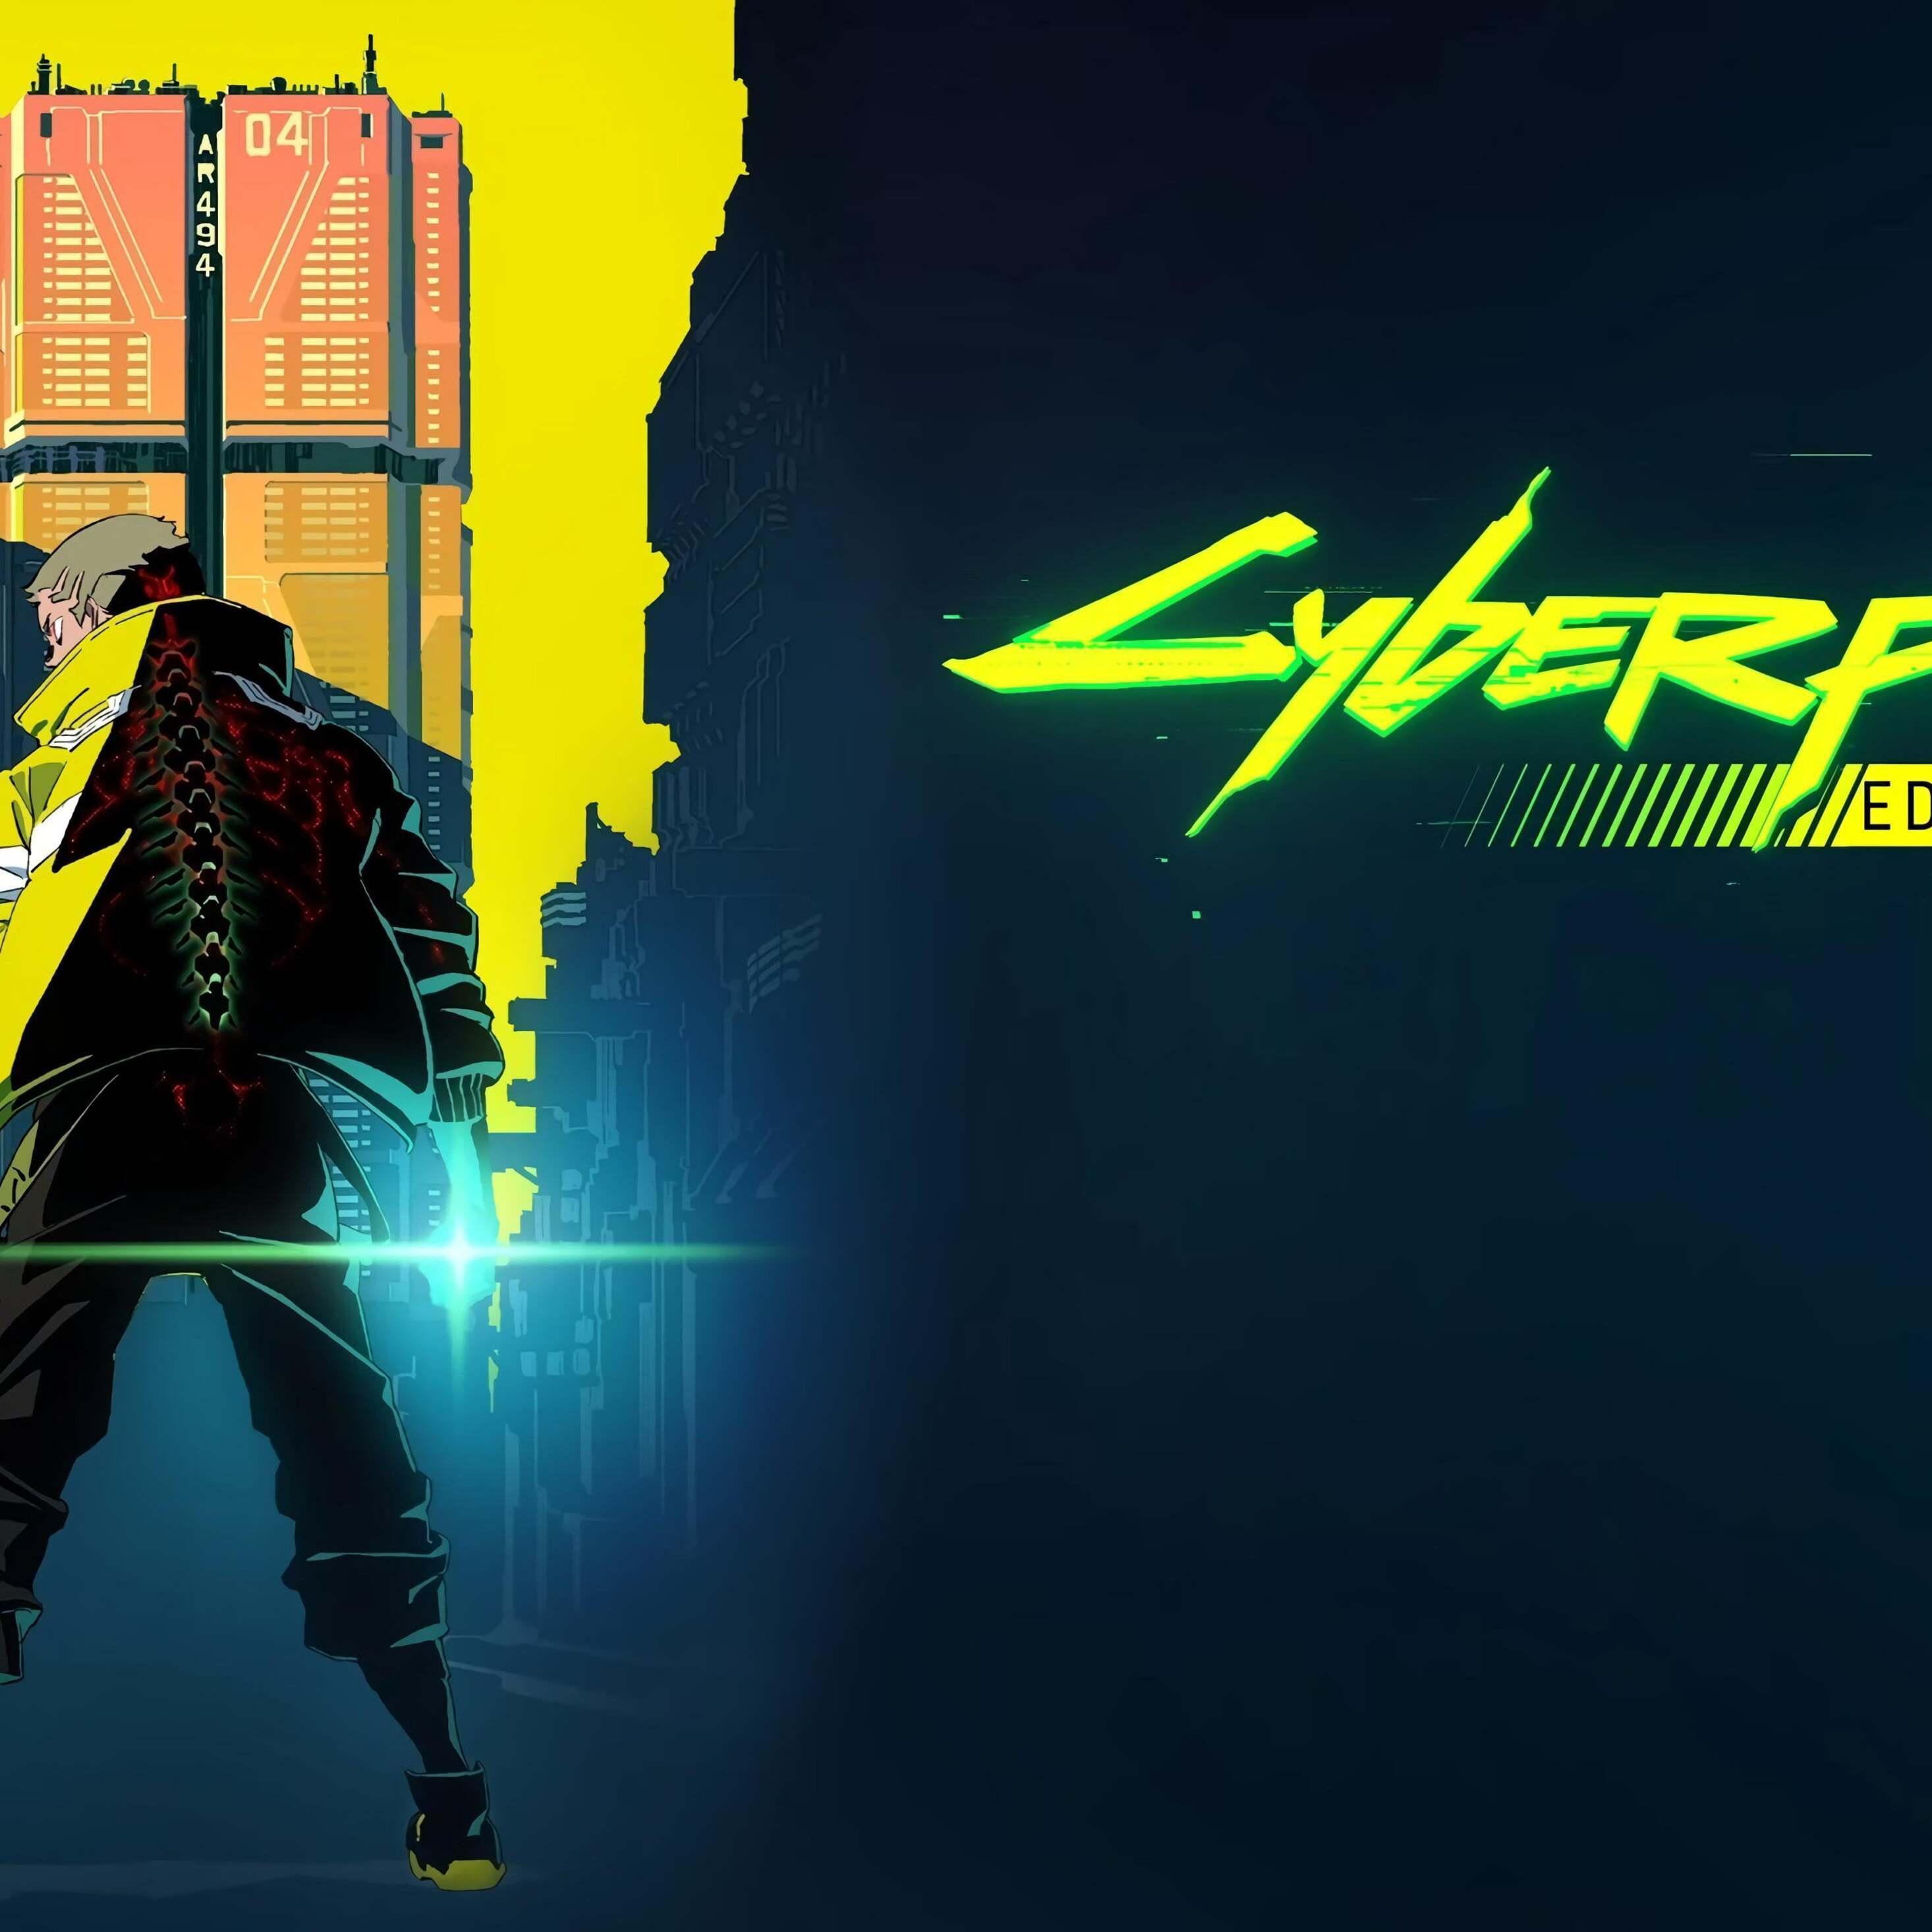 Cyberpunk 2022